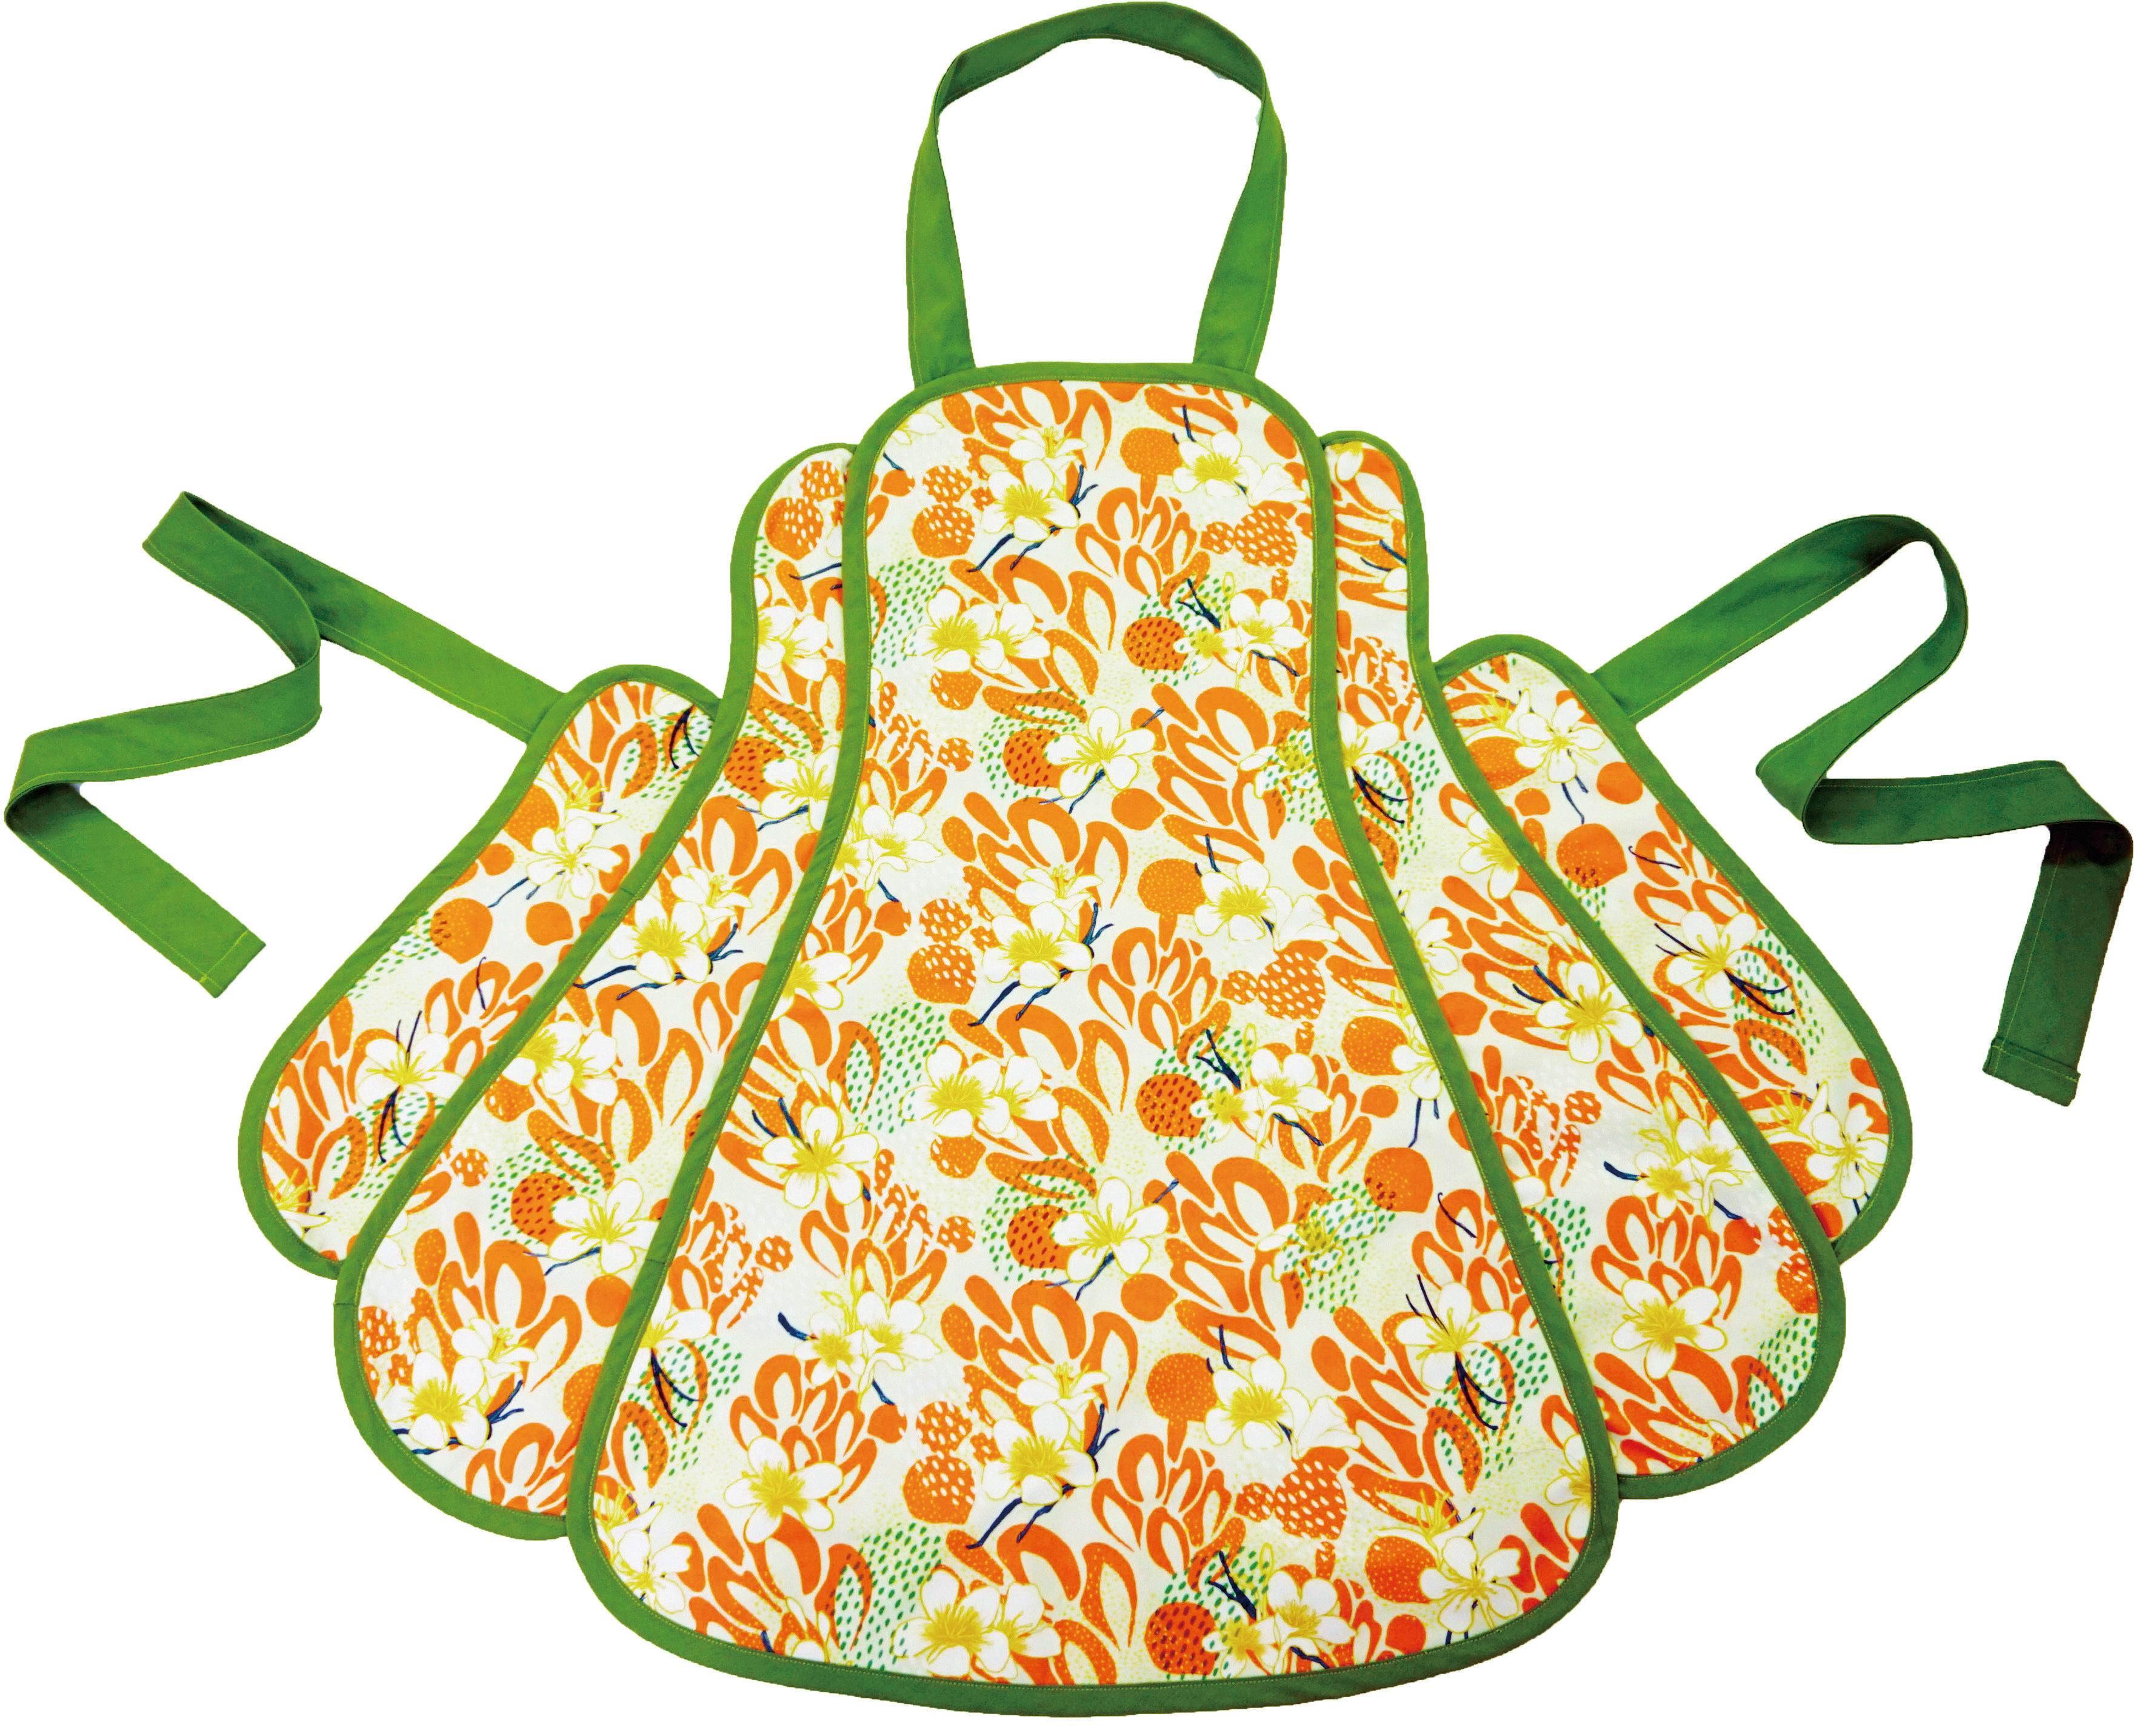 手作版型(花瓣圍裙) 花苞圍裙 工作圍裙 廚房烹調圍裙 紙型 SW5001-22